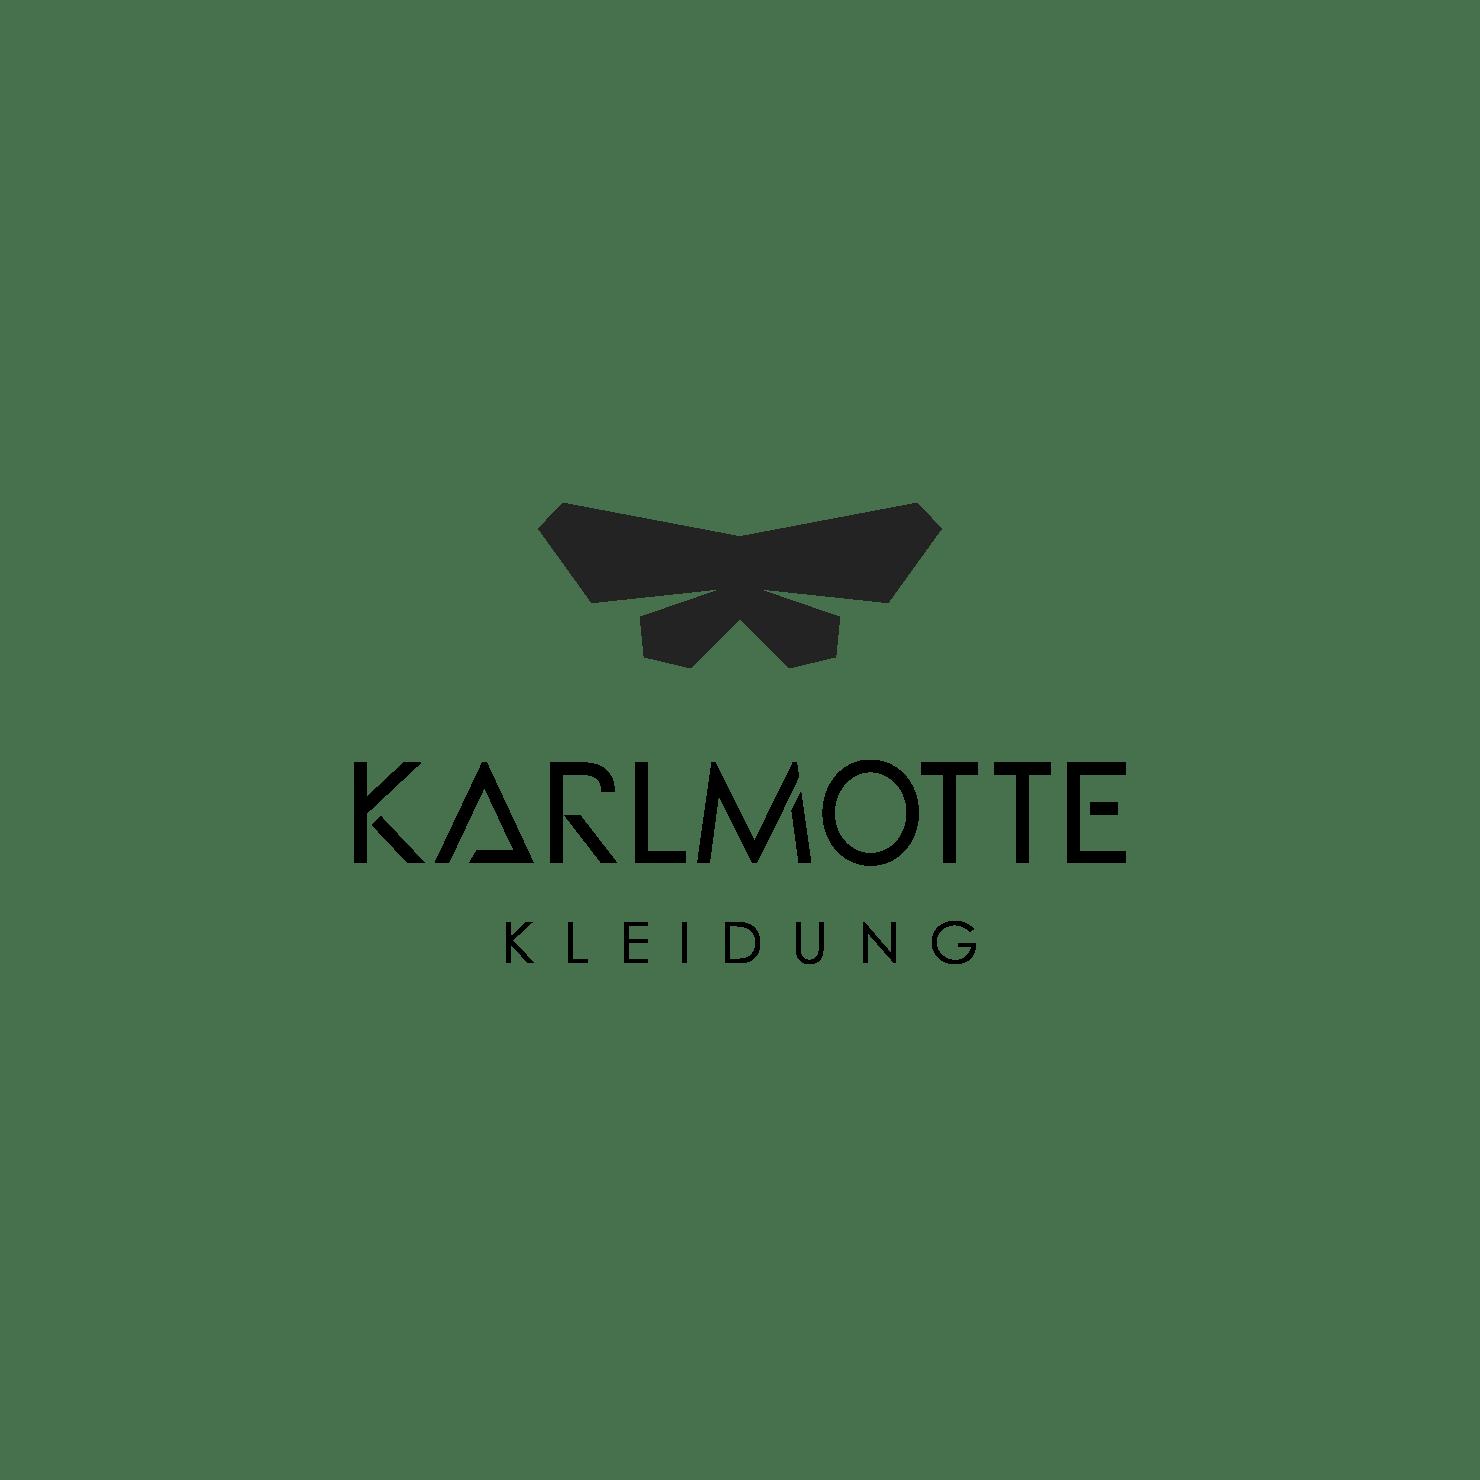 Karlmotte Logo Evolution_Motte